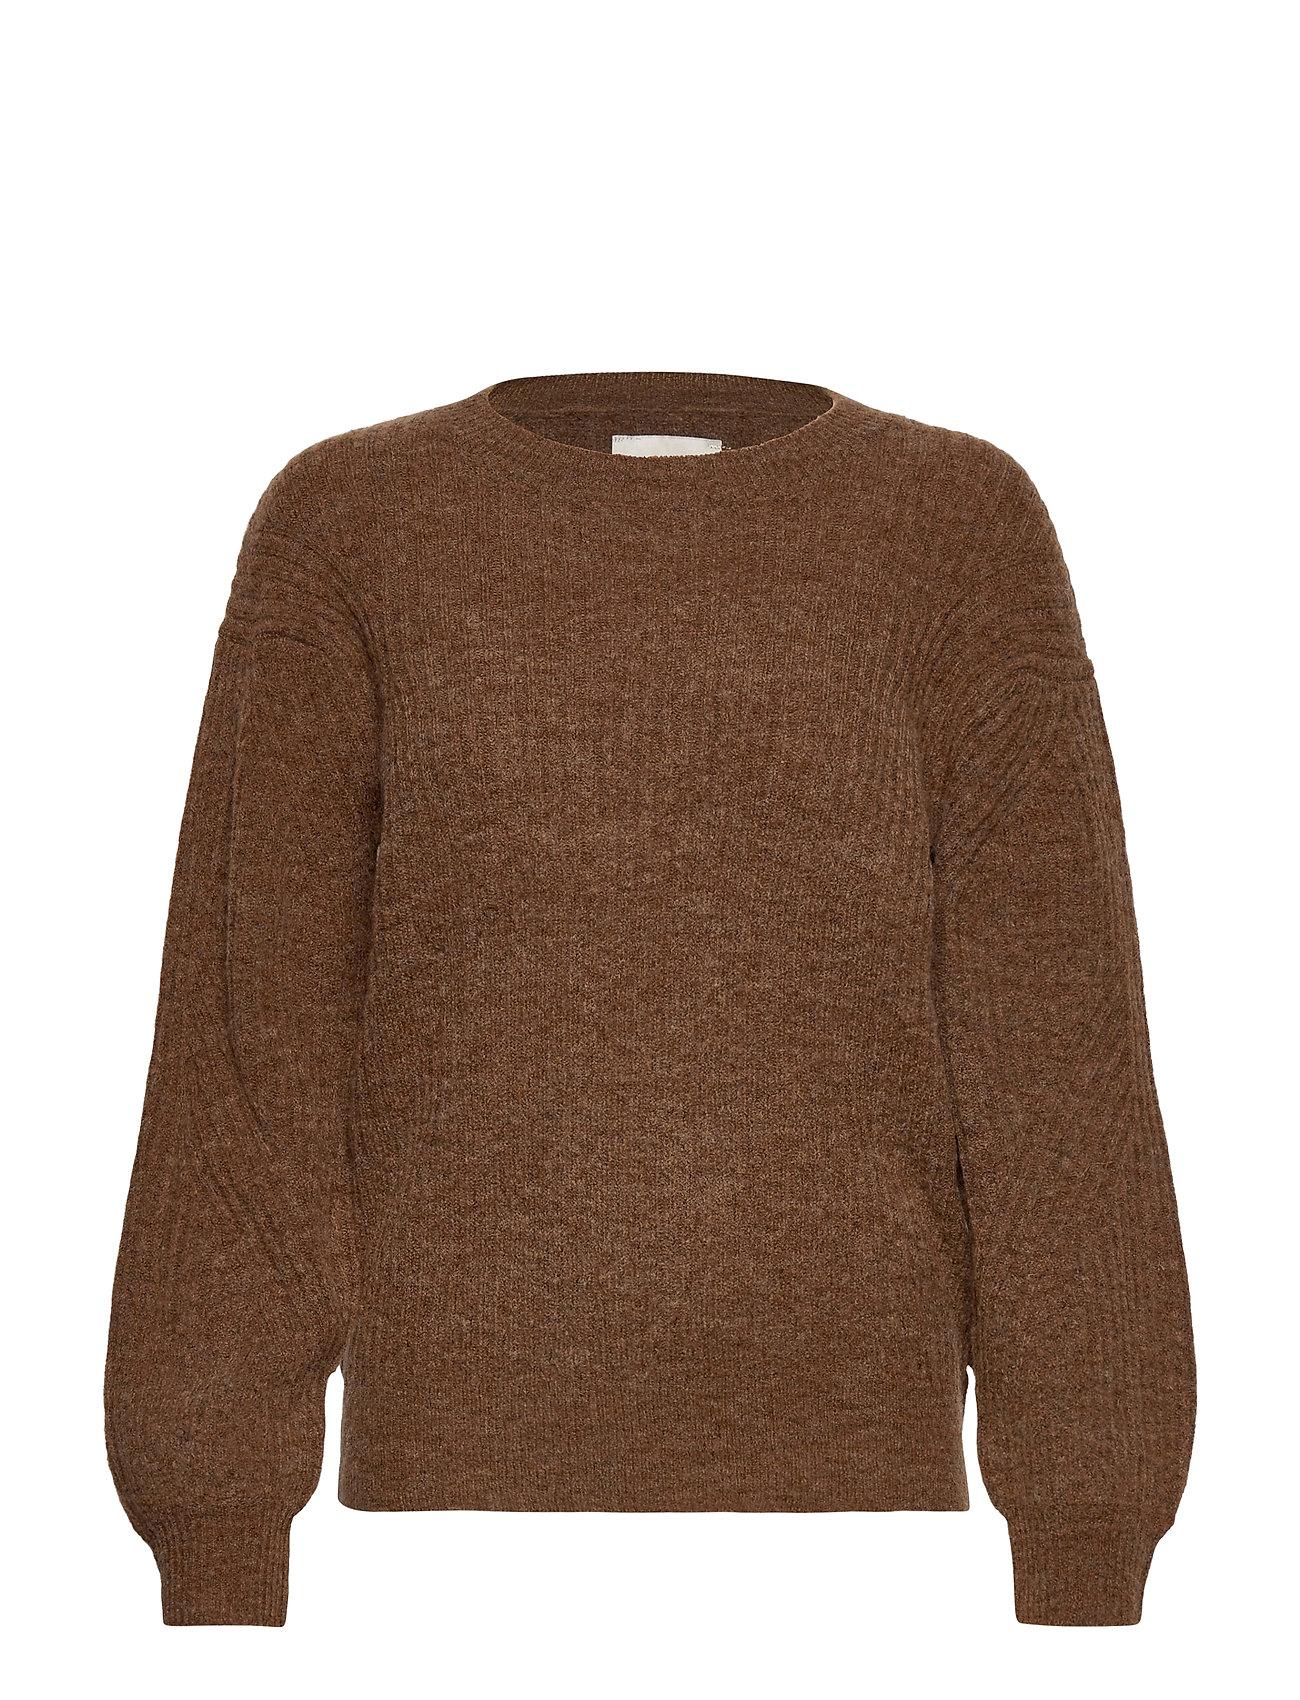 Image of Pzastrid Pullover Strikket Trøje Brun Pulz Jeans (3455967787)